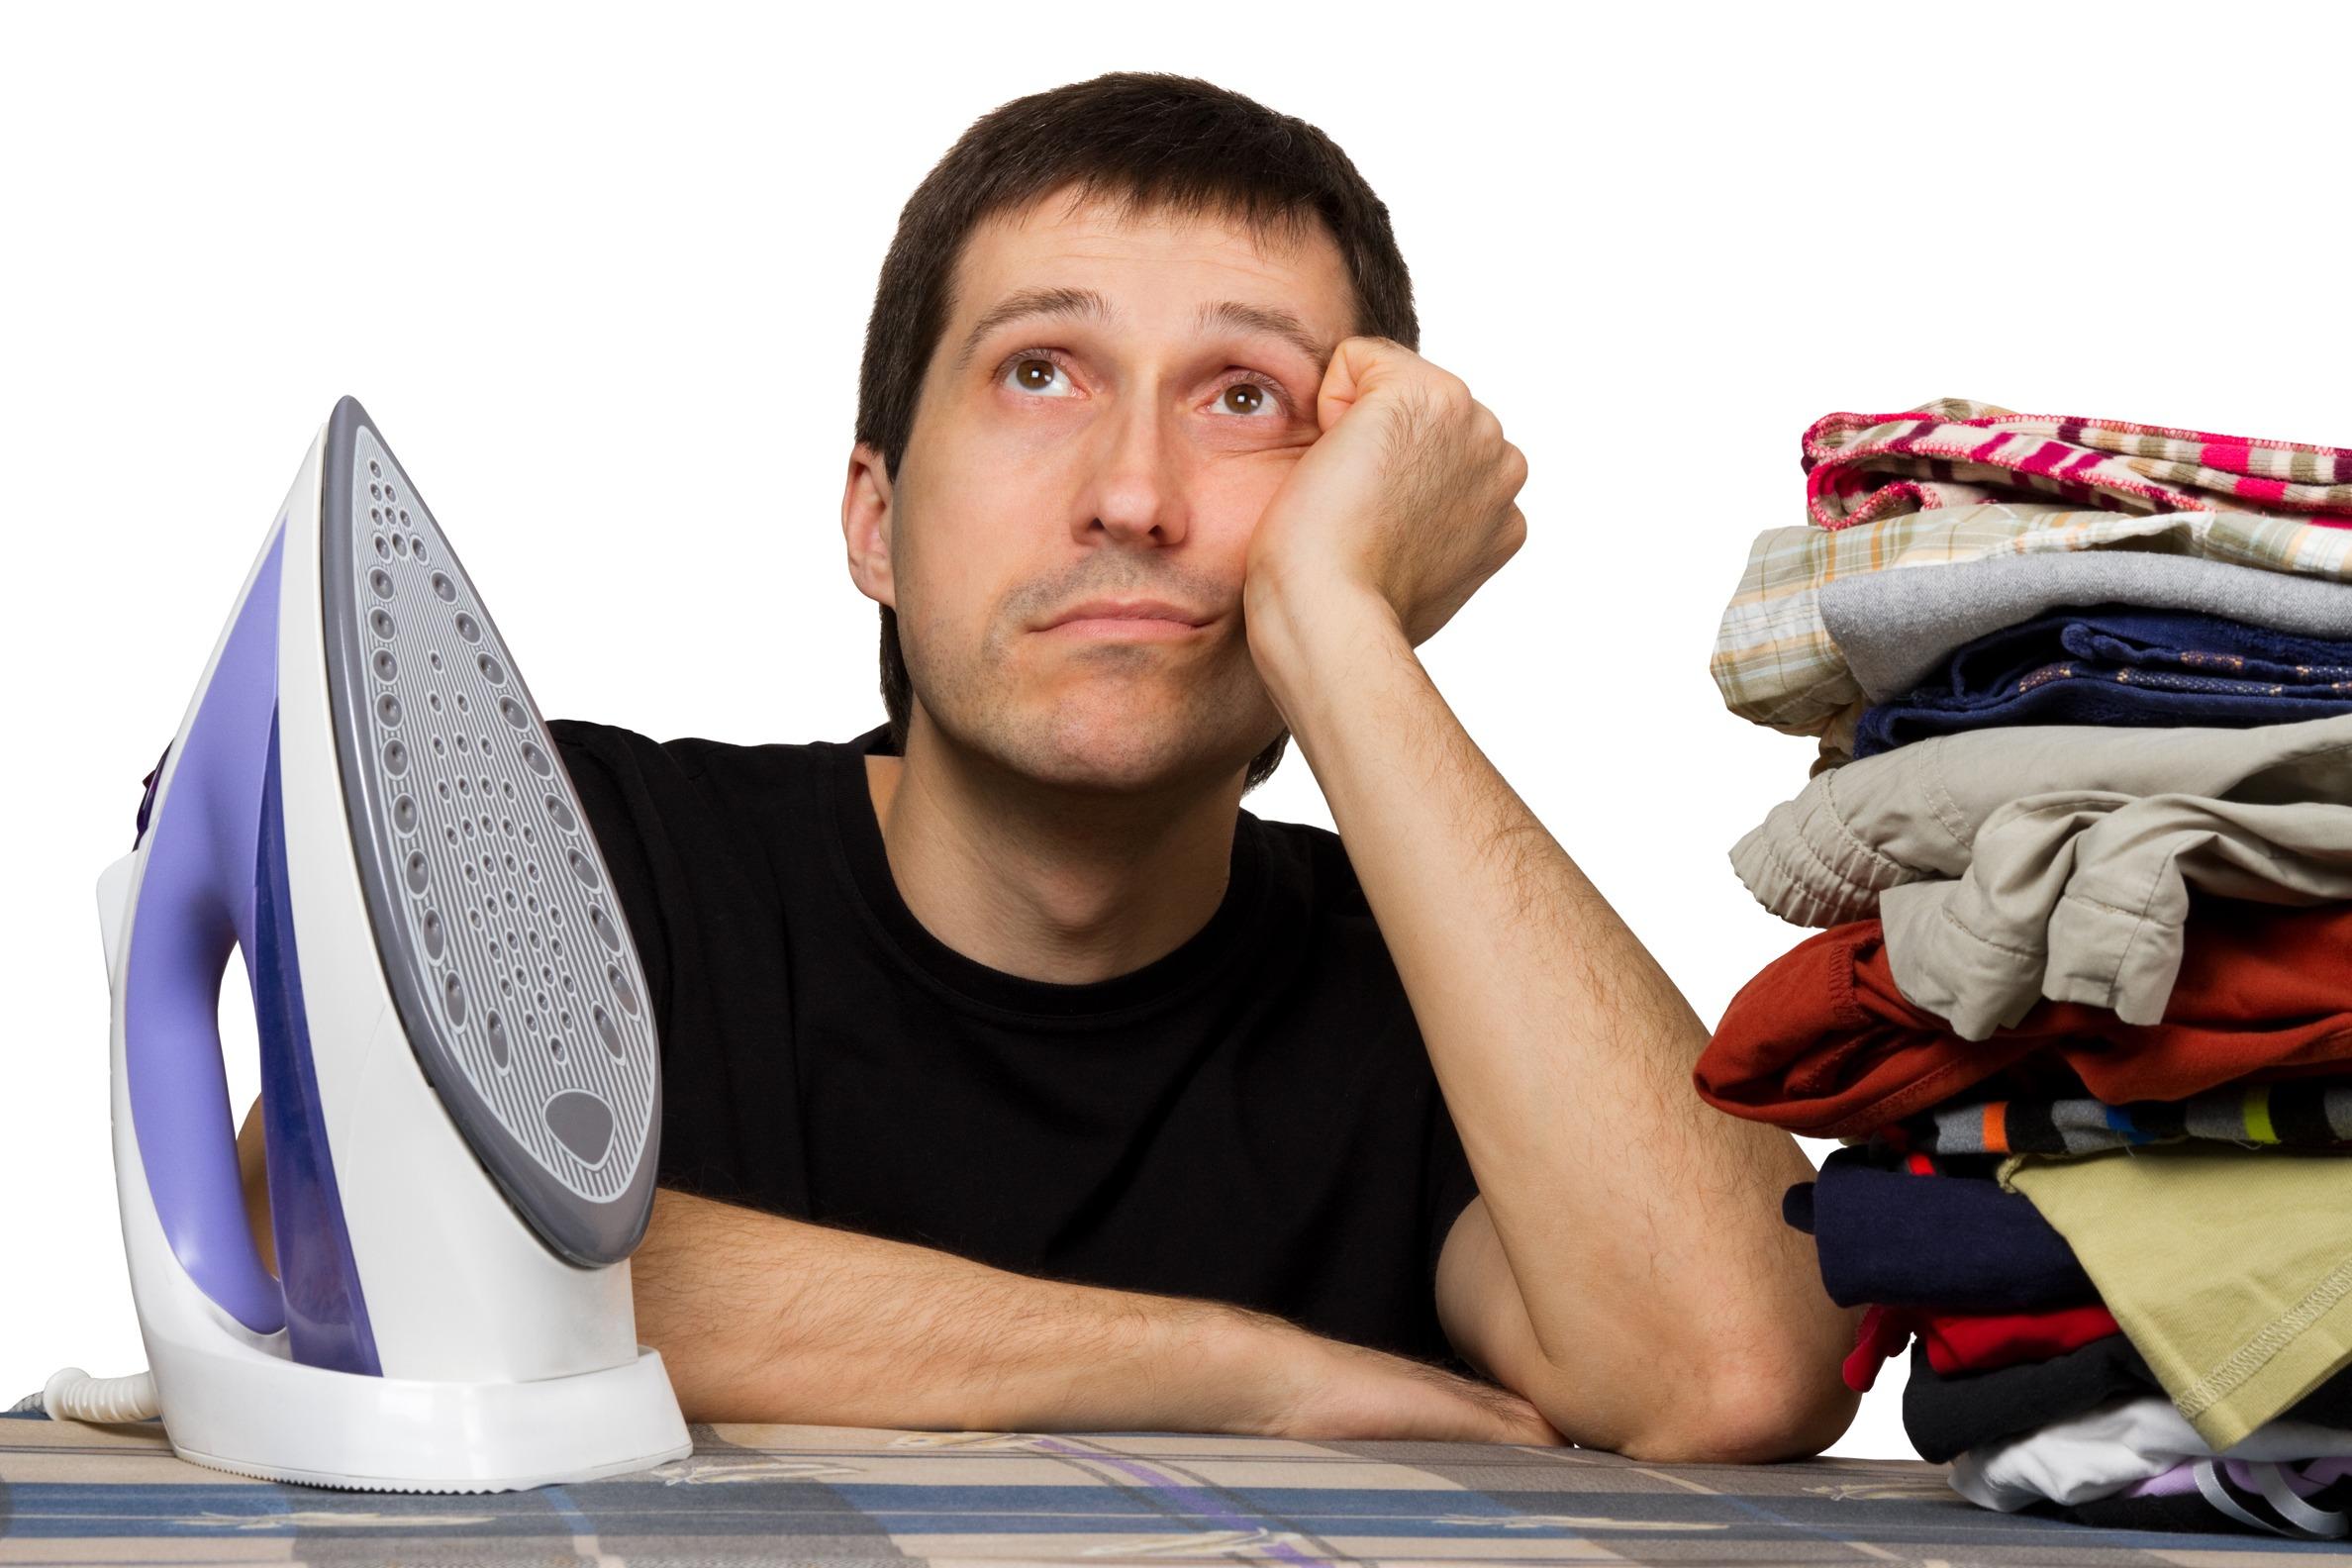 sad man, ironing board, wash clothing and iron, isolated